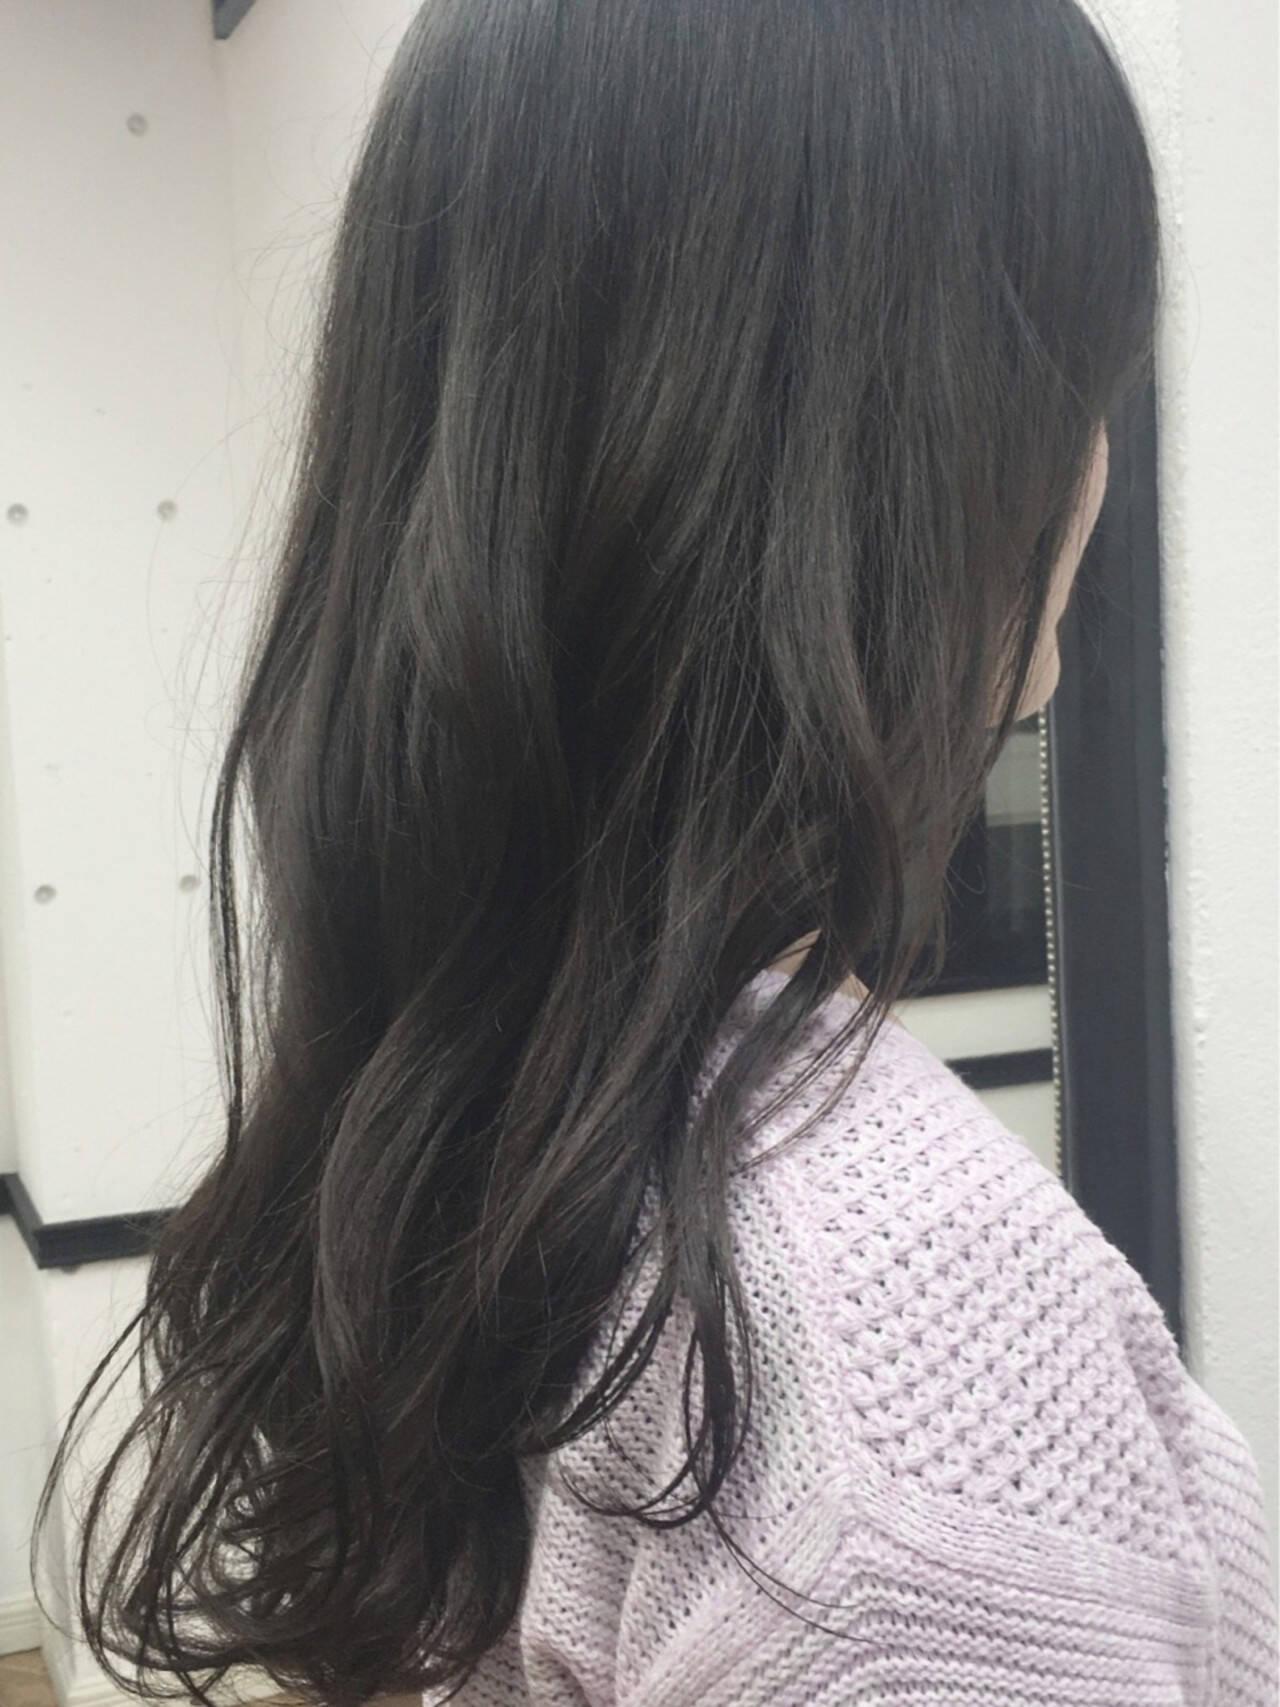 グラデーションカラー グレージュ アッシュ 暗髪ヘアスタイルや髪型の写真・画像